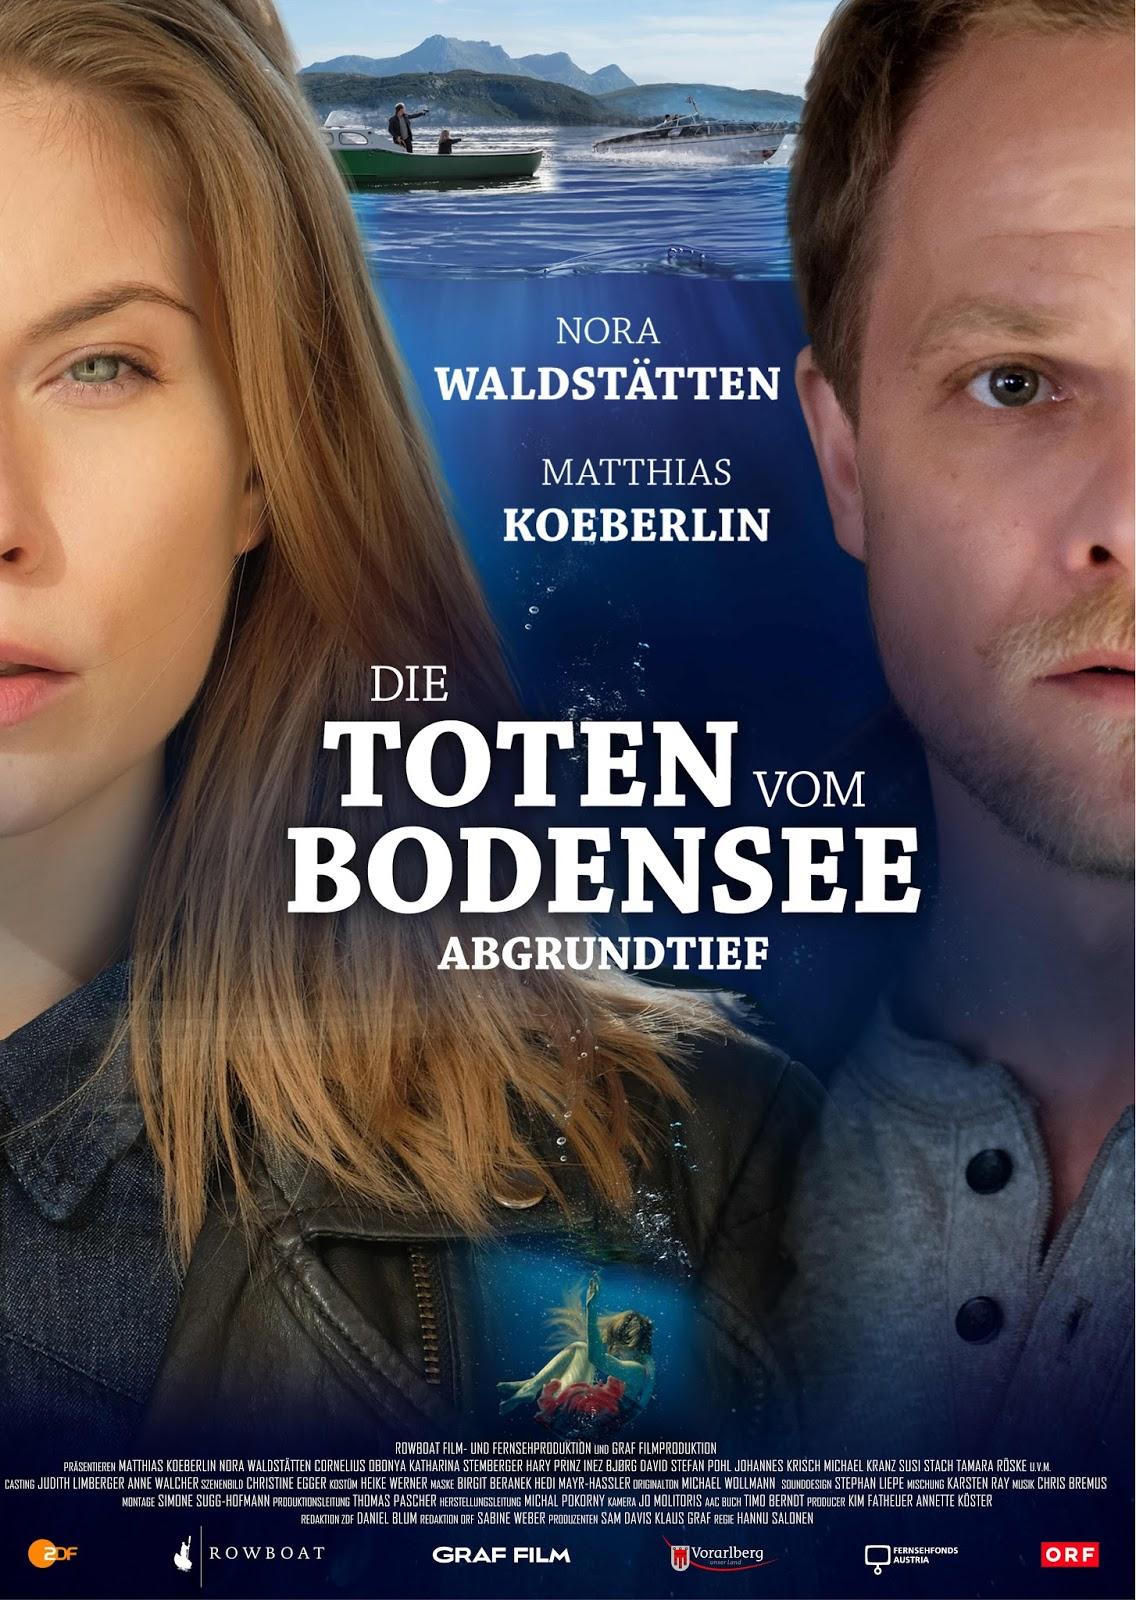 Die Toten Vom Bodensee - Abgrundtief